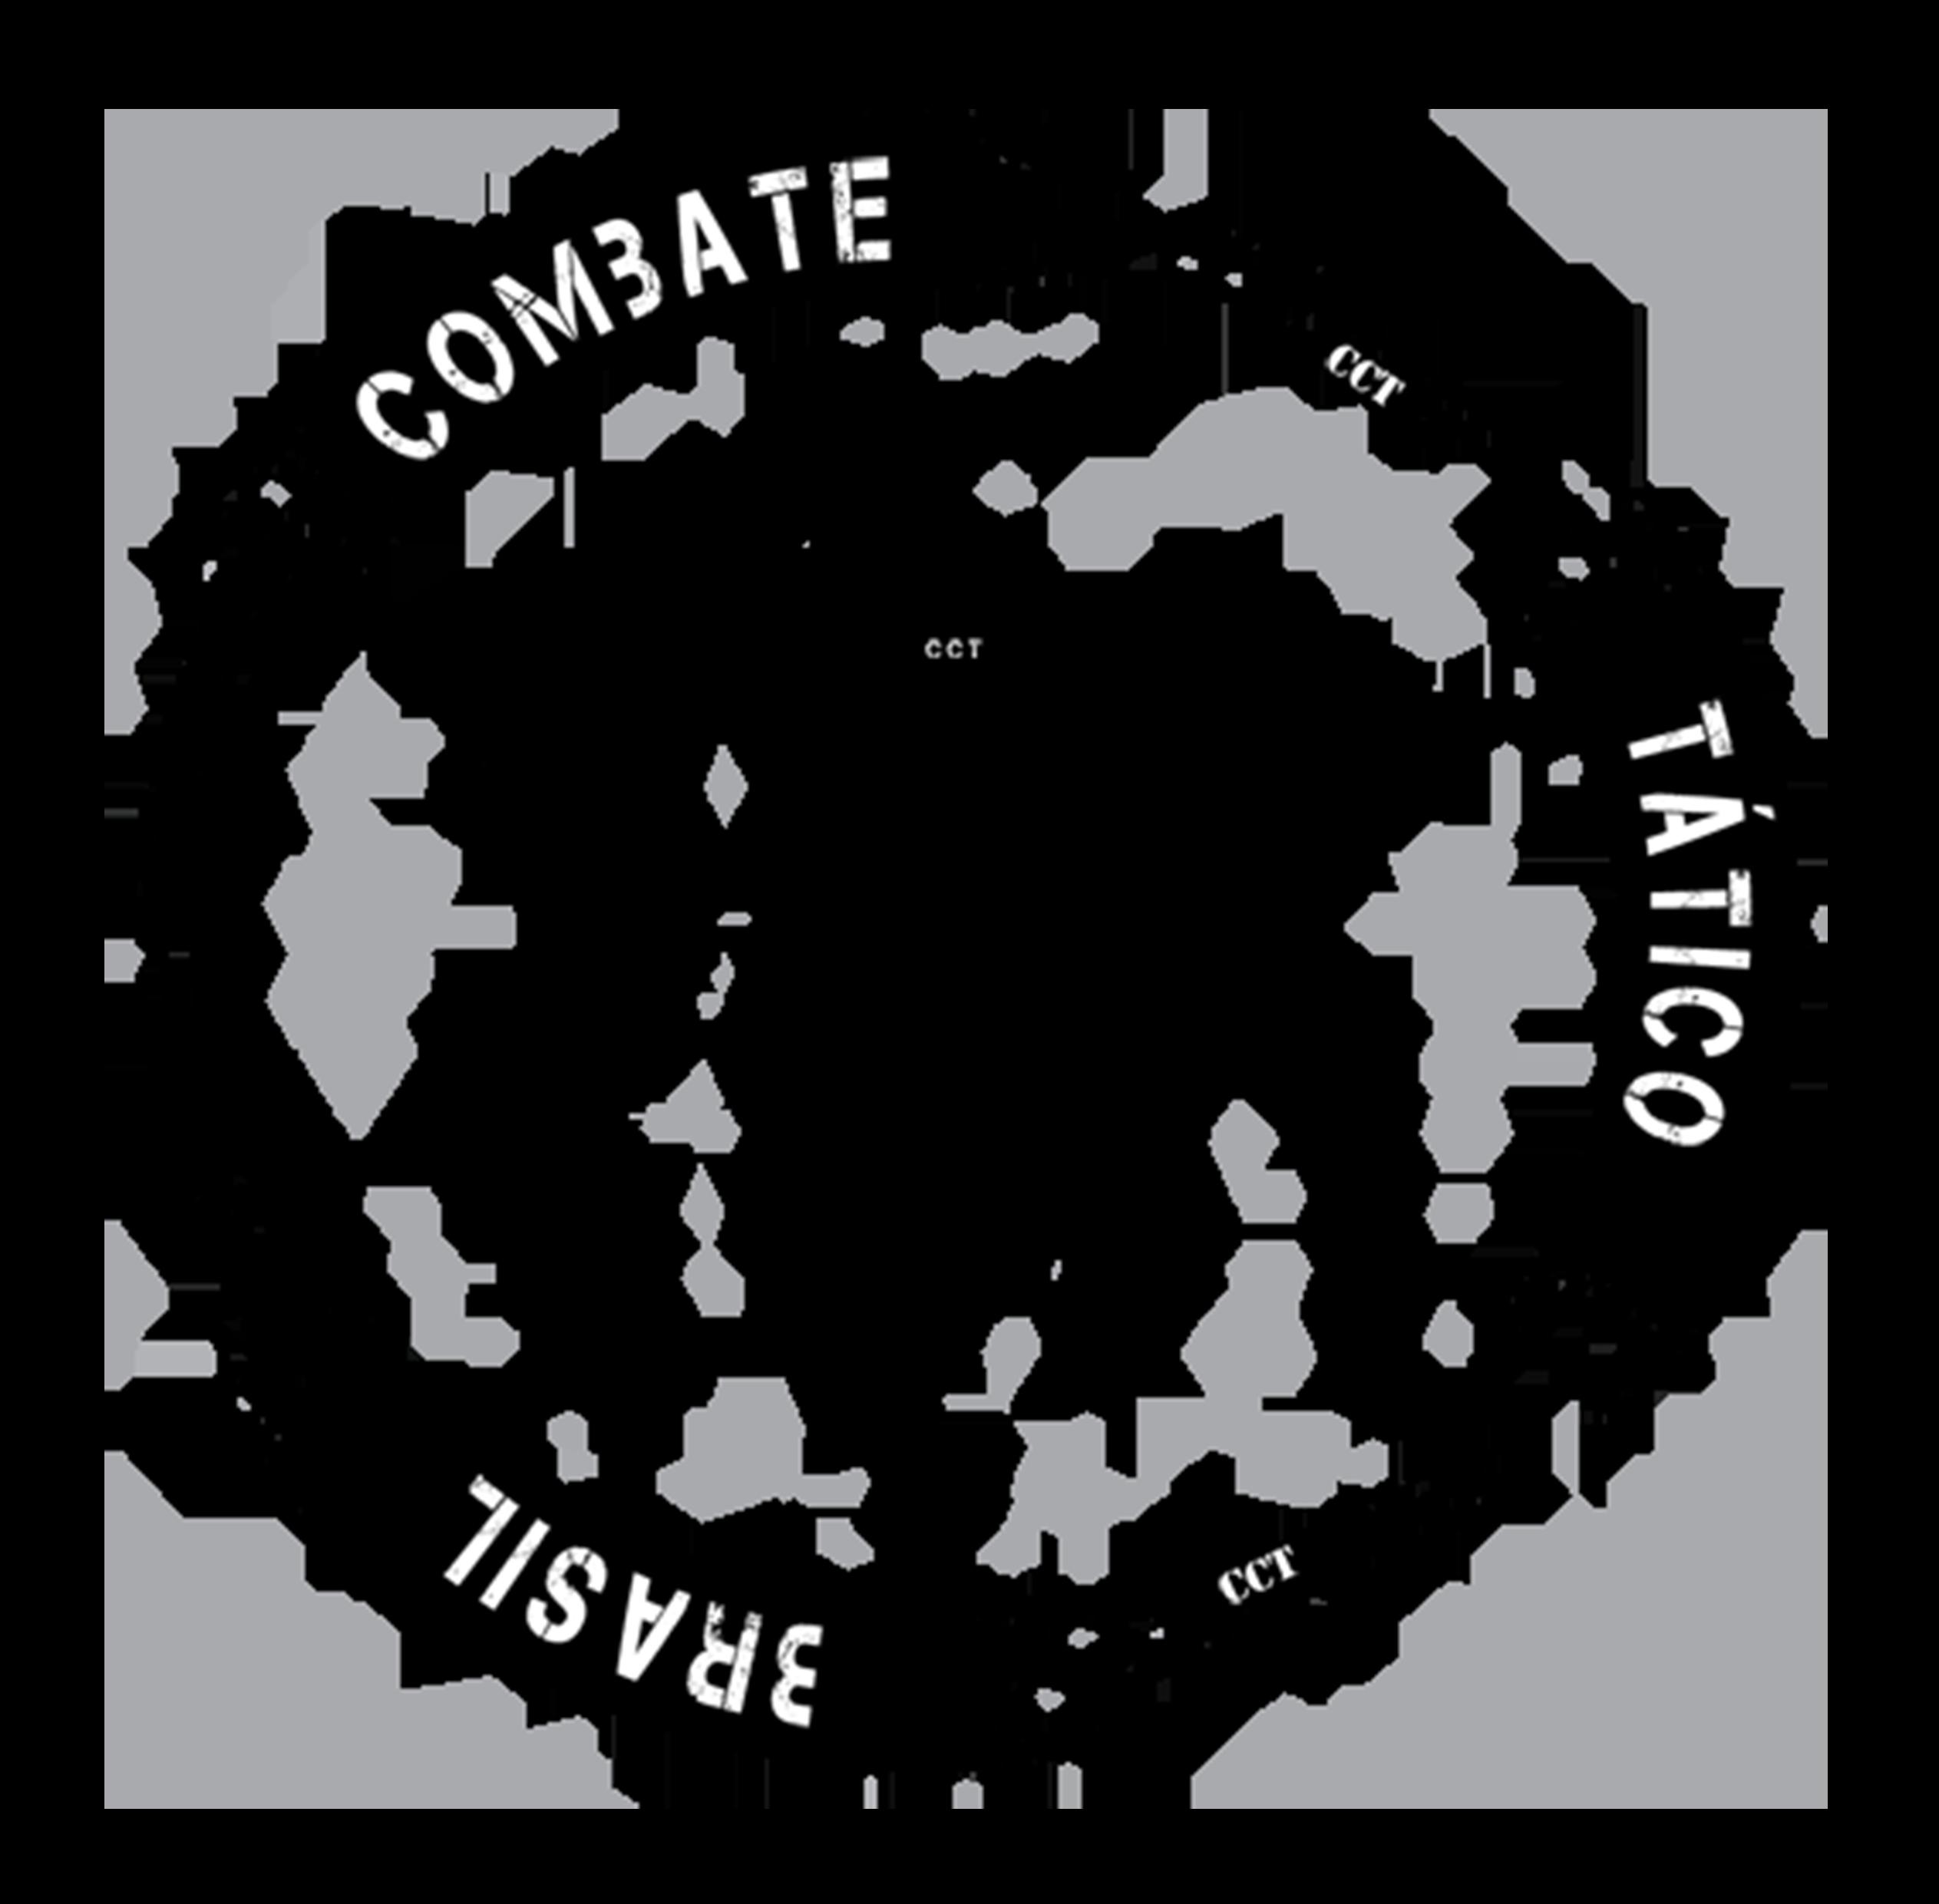 Comunidad de Combate Tactico (CCT)